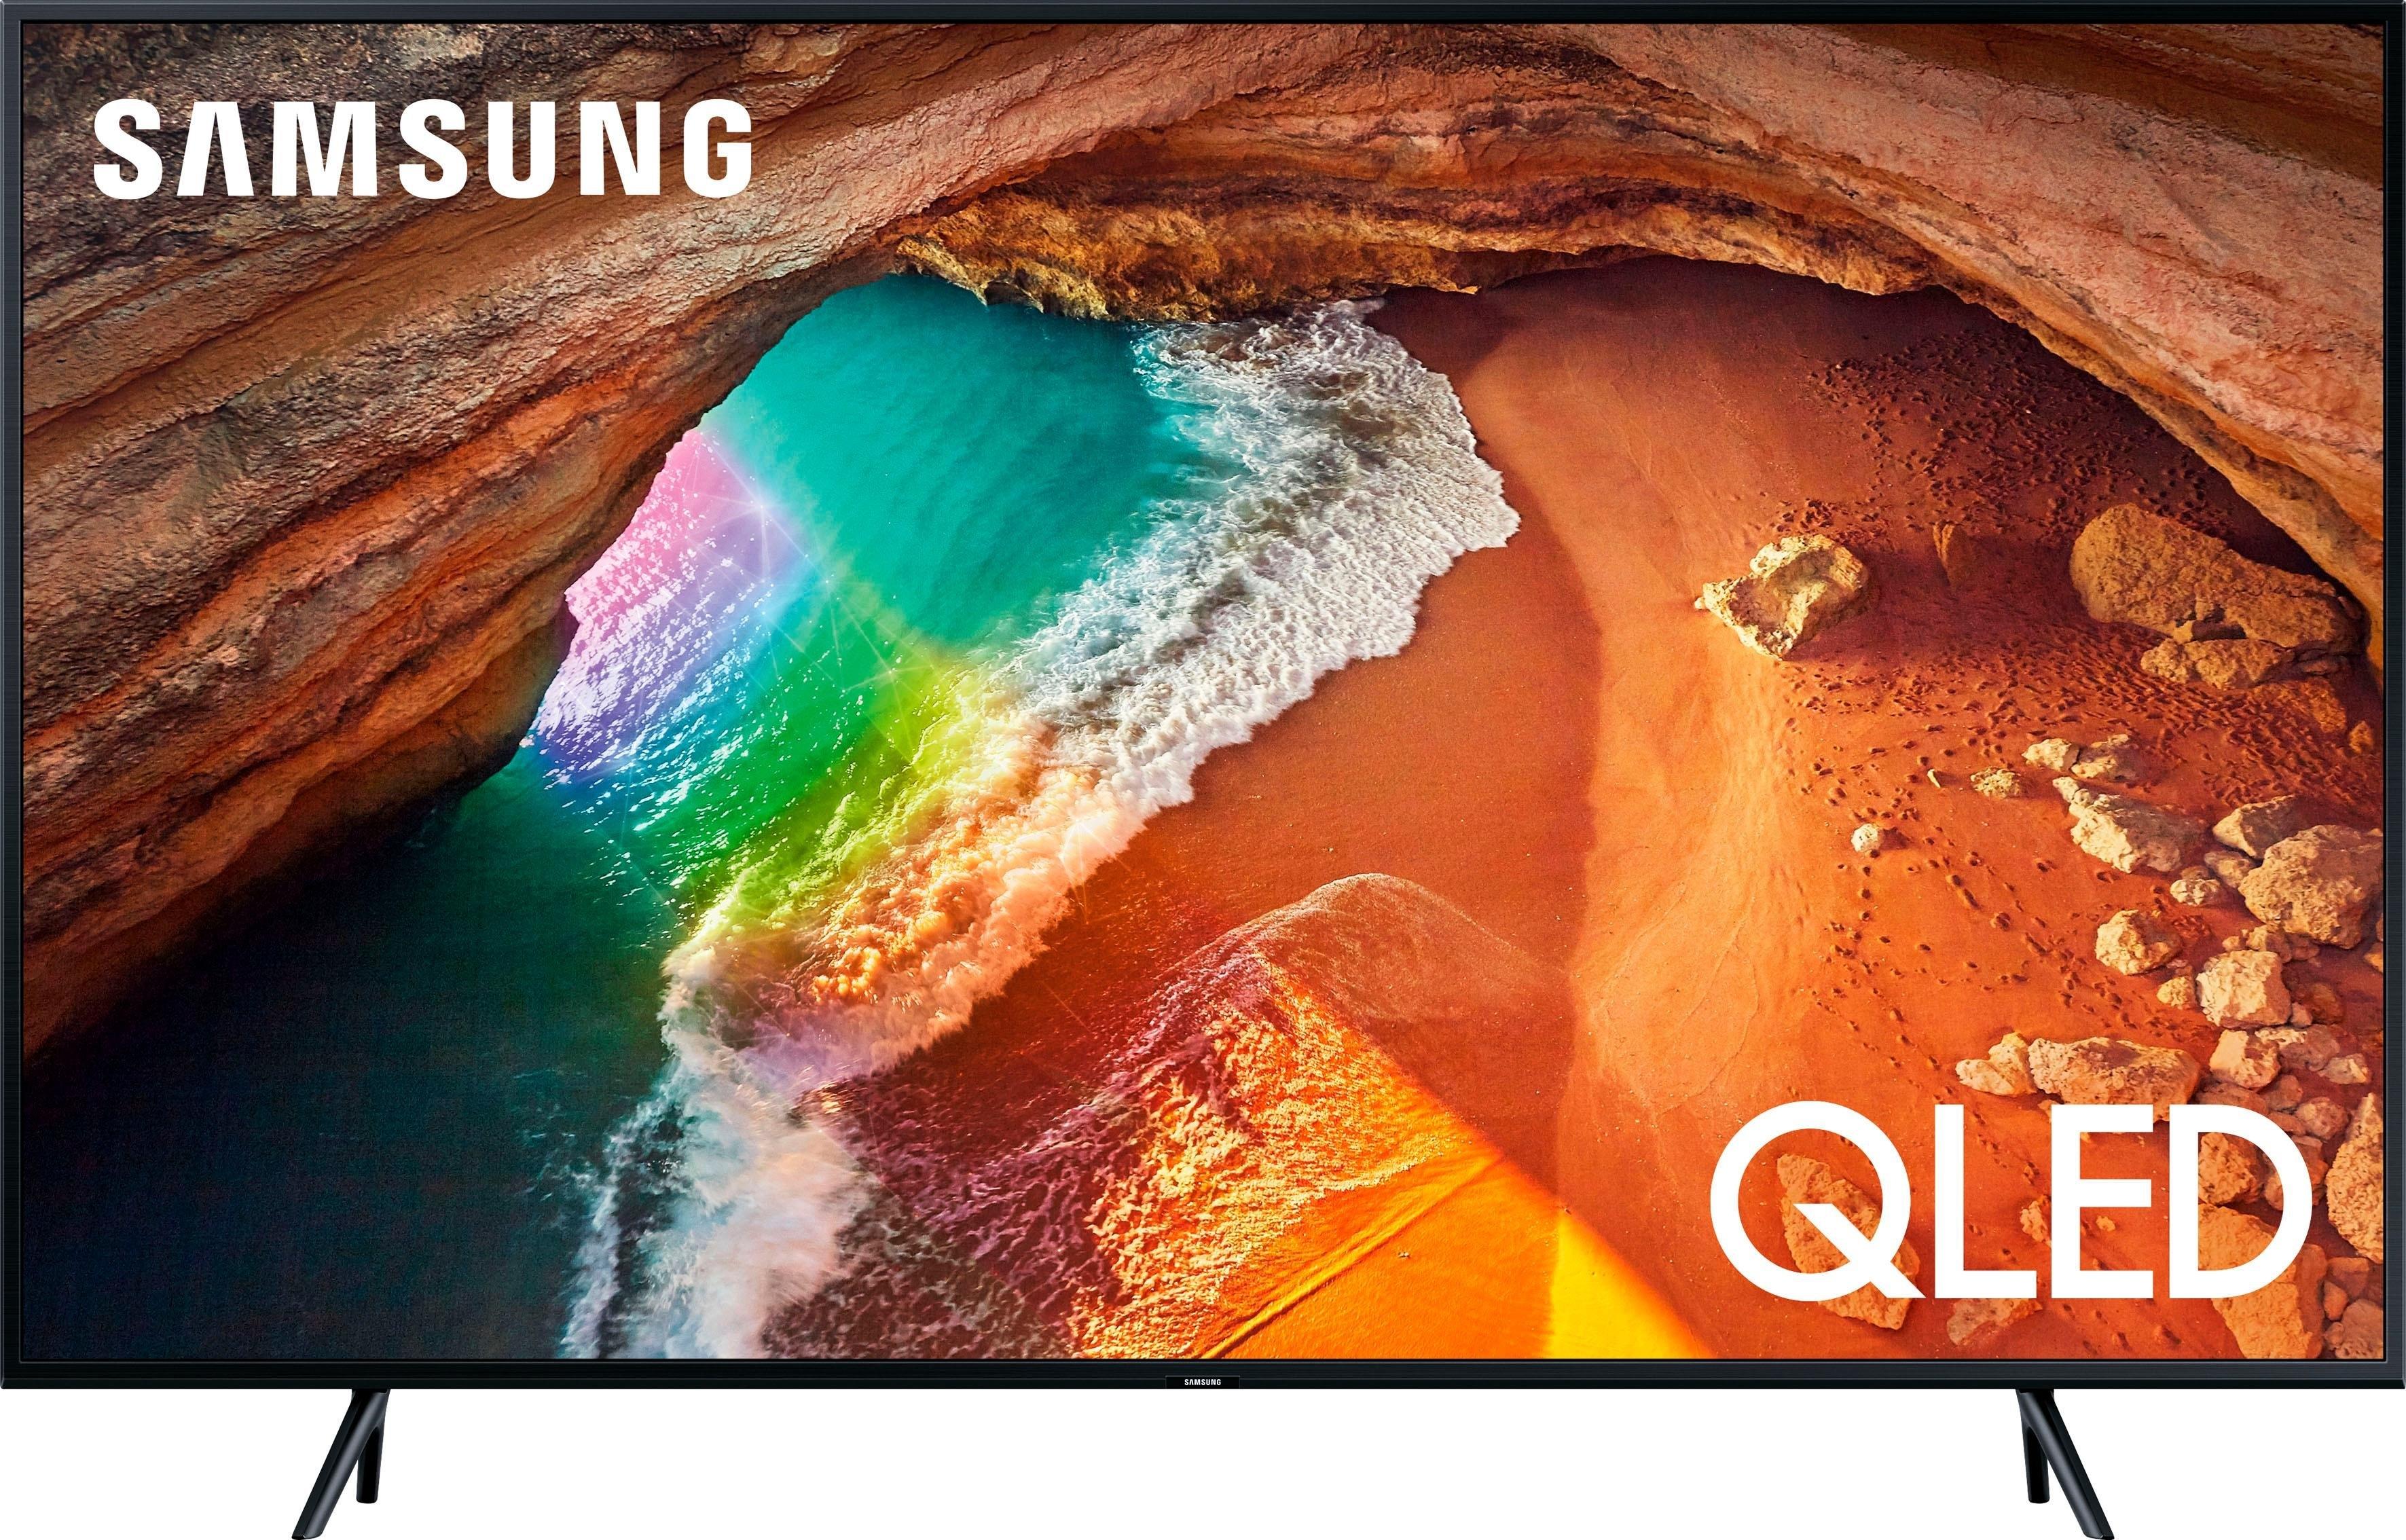 SAMSUNG GQ49Q60RGTXZG QLED-tv (123 cm / 49 inch), 4K Ultra HD, Smart-TV bestellen: 14 dagen bedenktijd